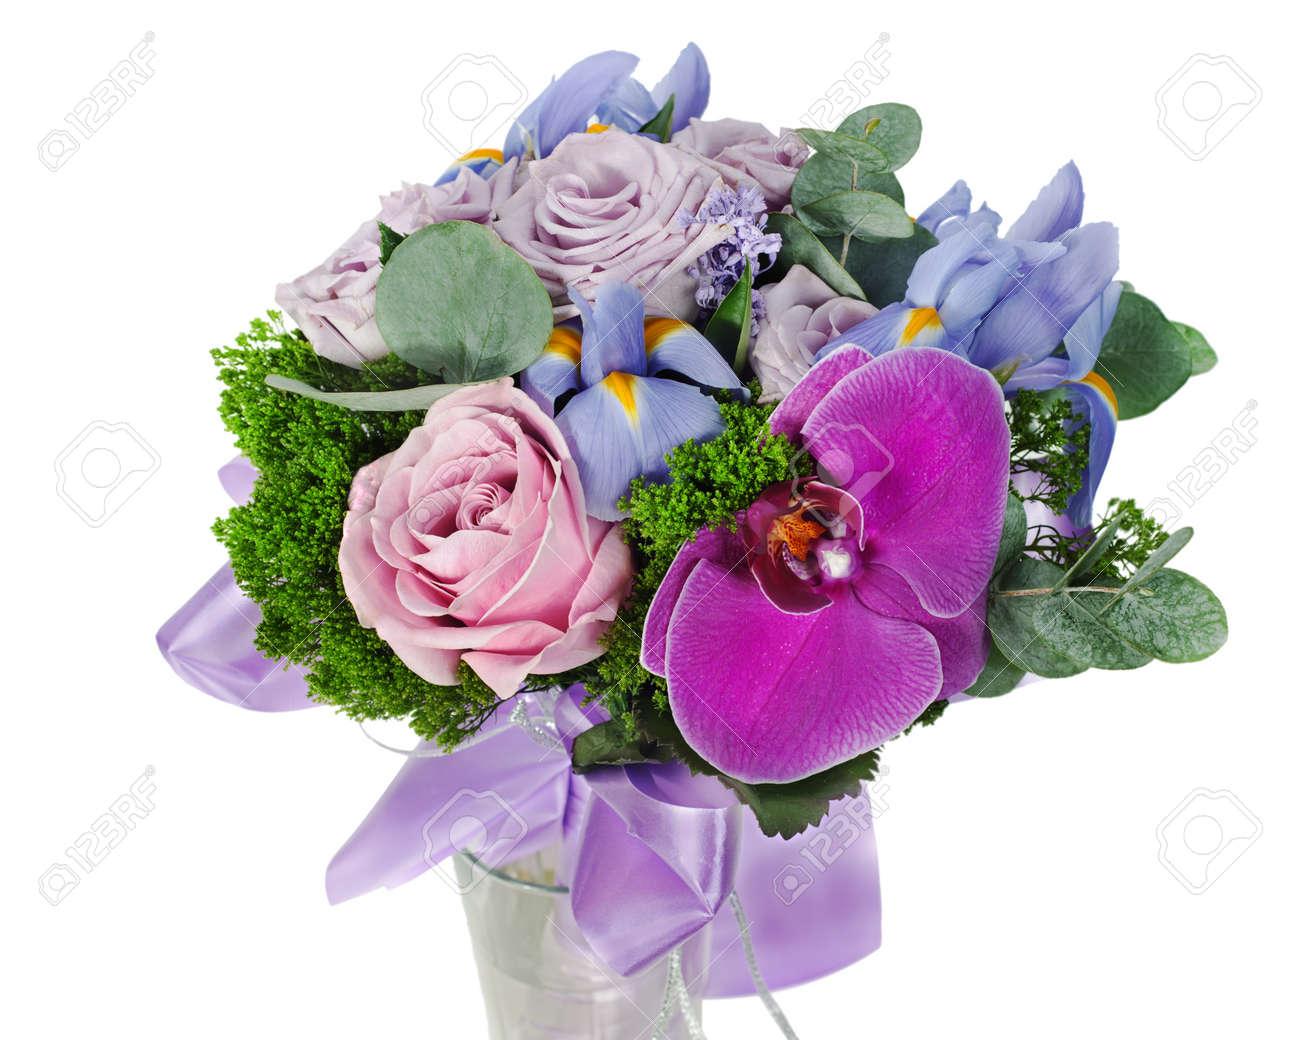 Mazzo Di Fiori Orchidee.Immagini Stock Colorato Bouquet Di Fiori Per La Sposa Di Rose